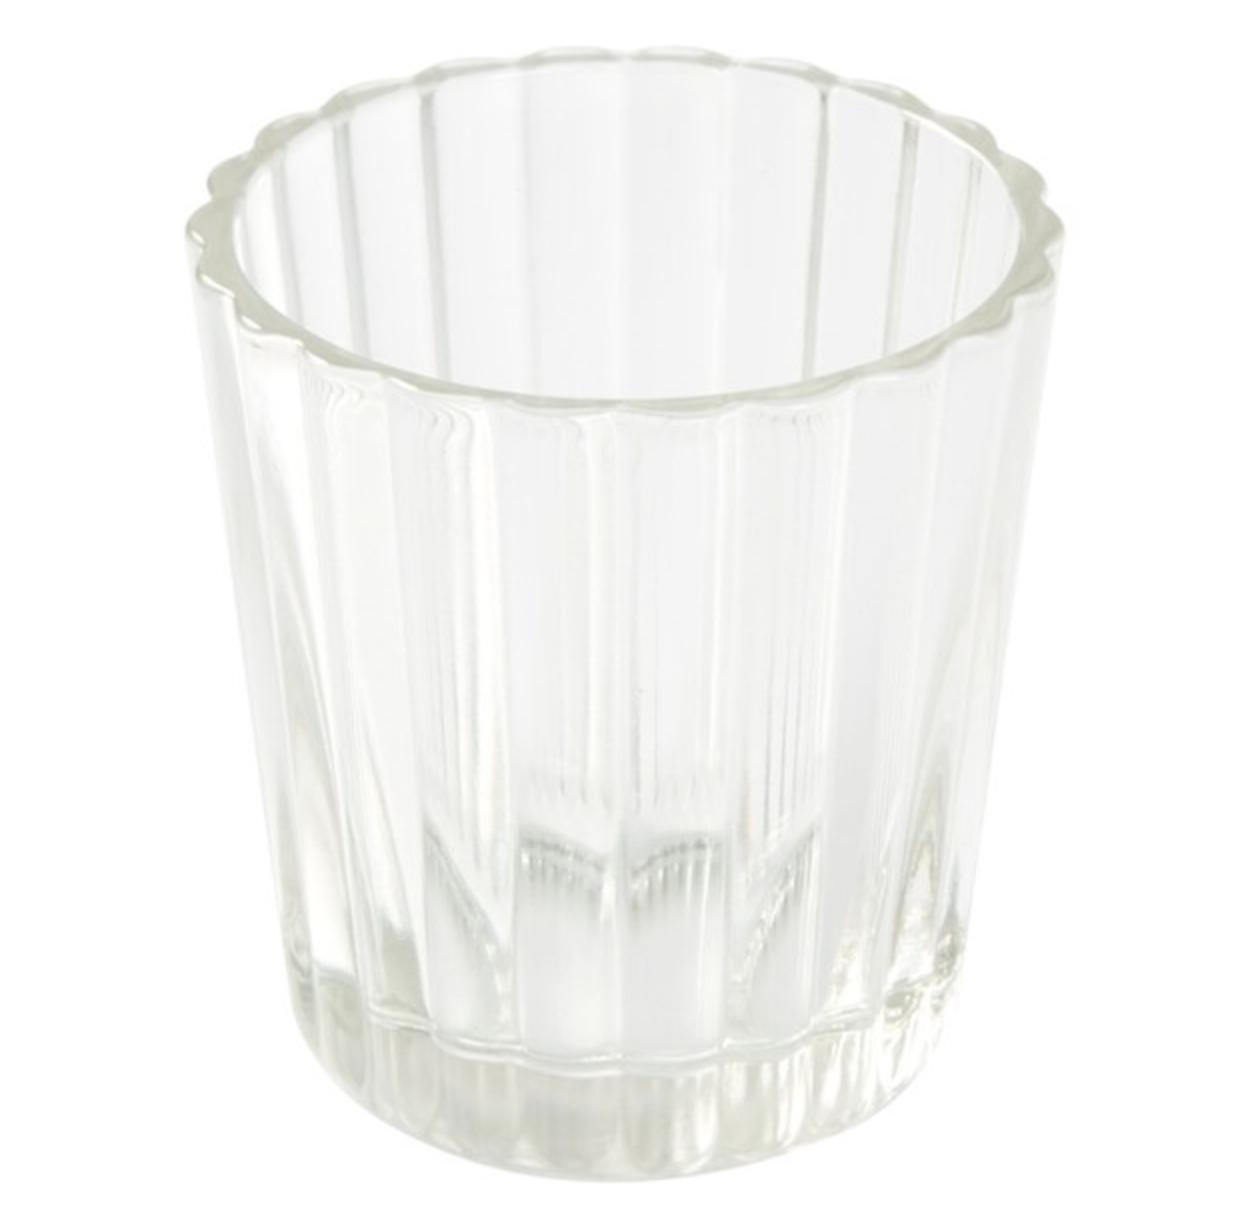 キャンドルホルダー ガラス(COL2)